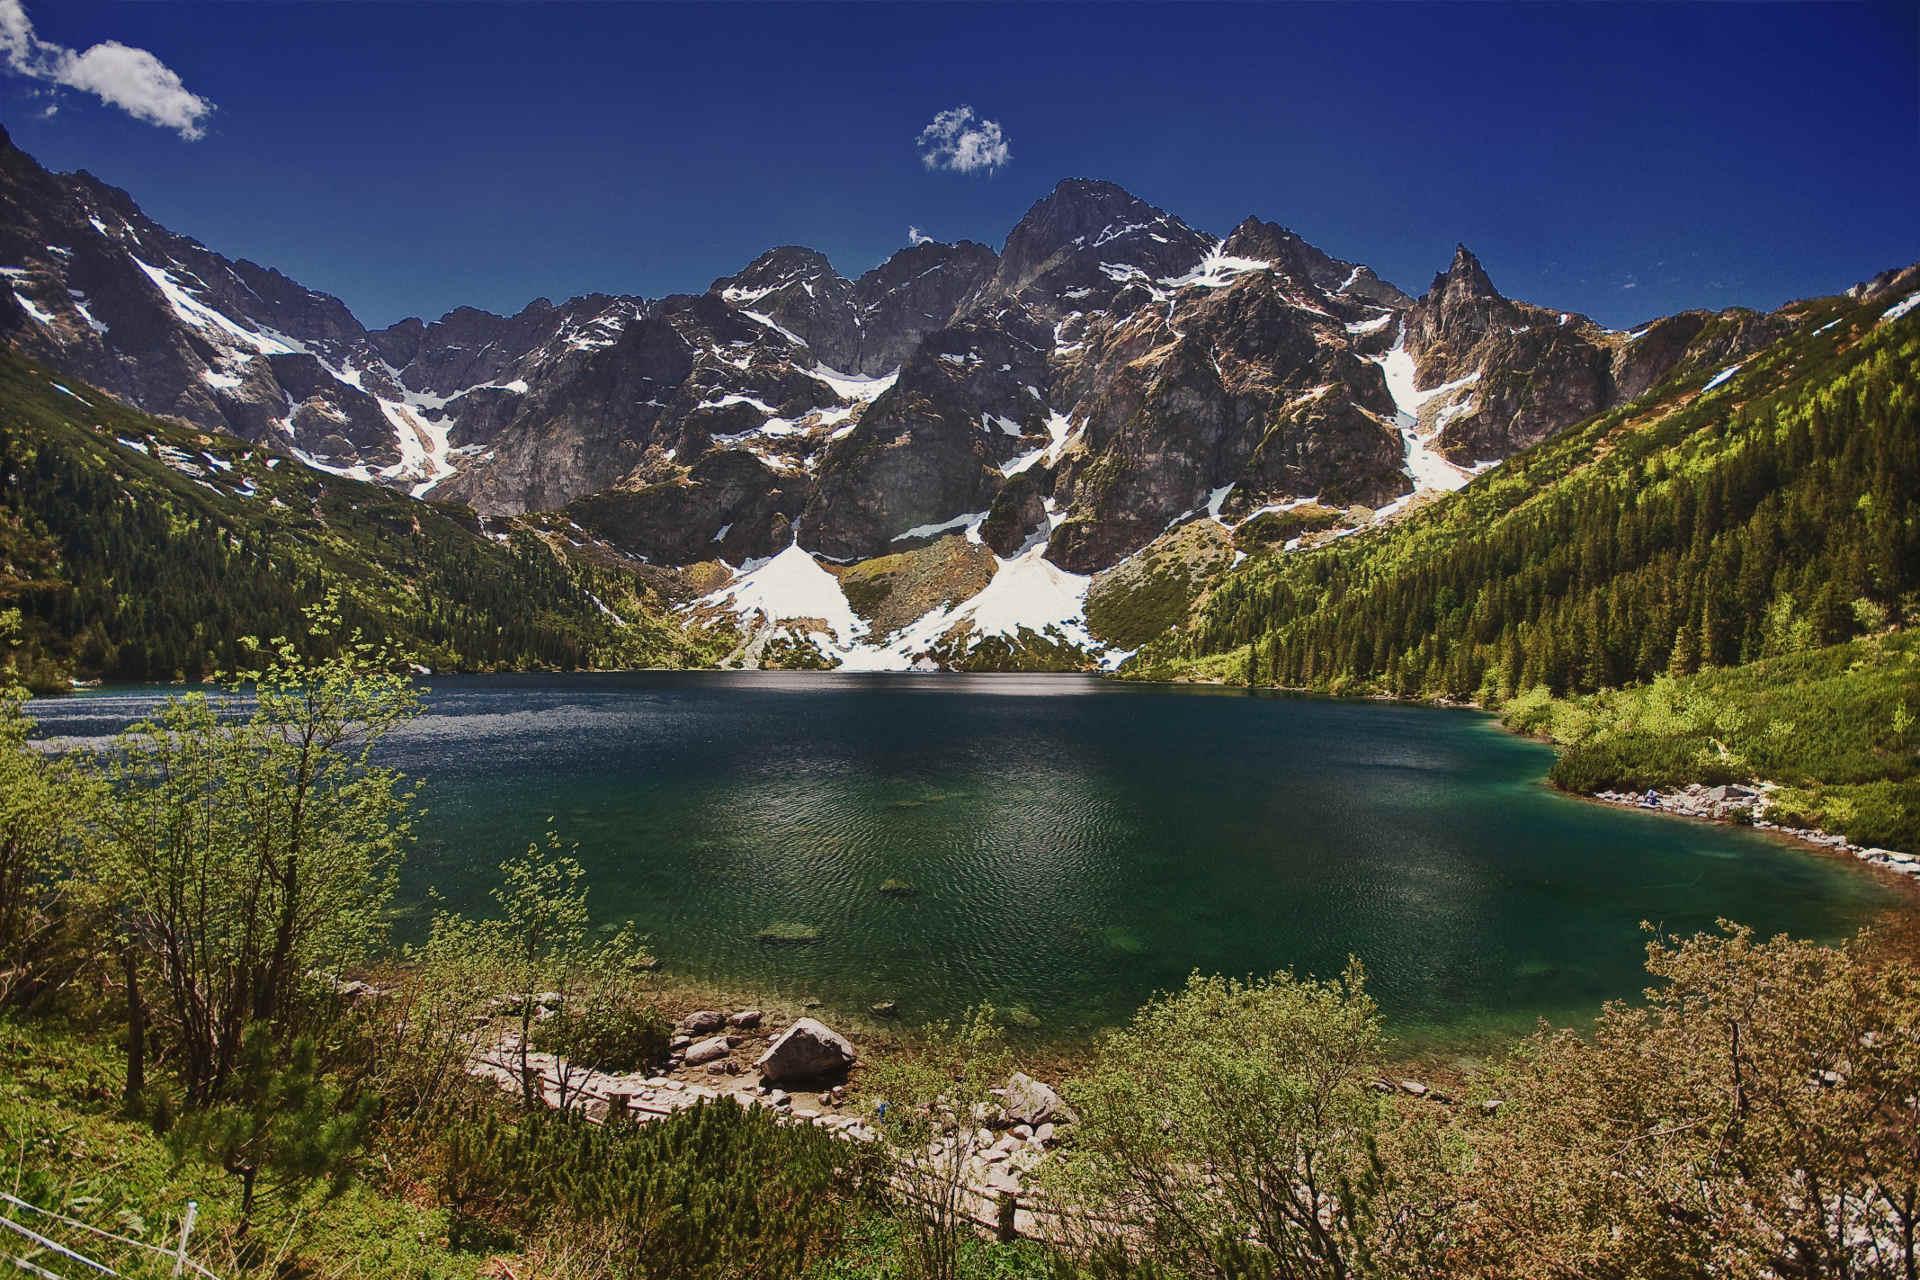 """Zu sehen ist der Bergsee """"Meerauge"""" in der Hohen Tatra. Bild: Aneta Pawska"""